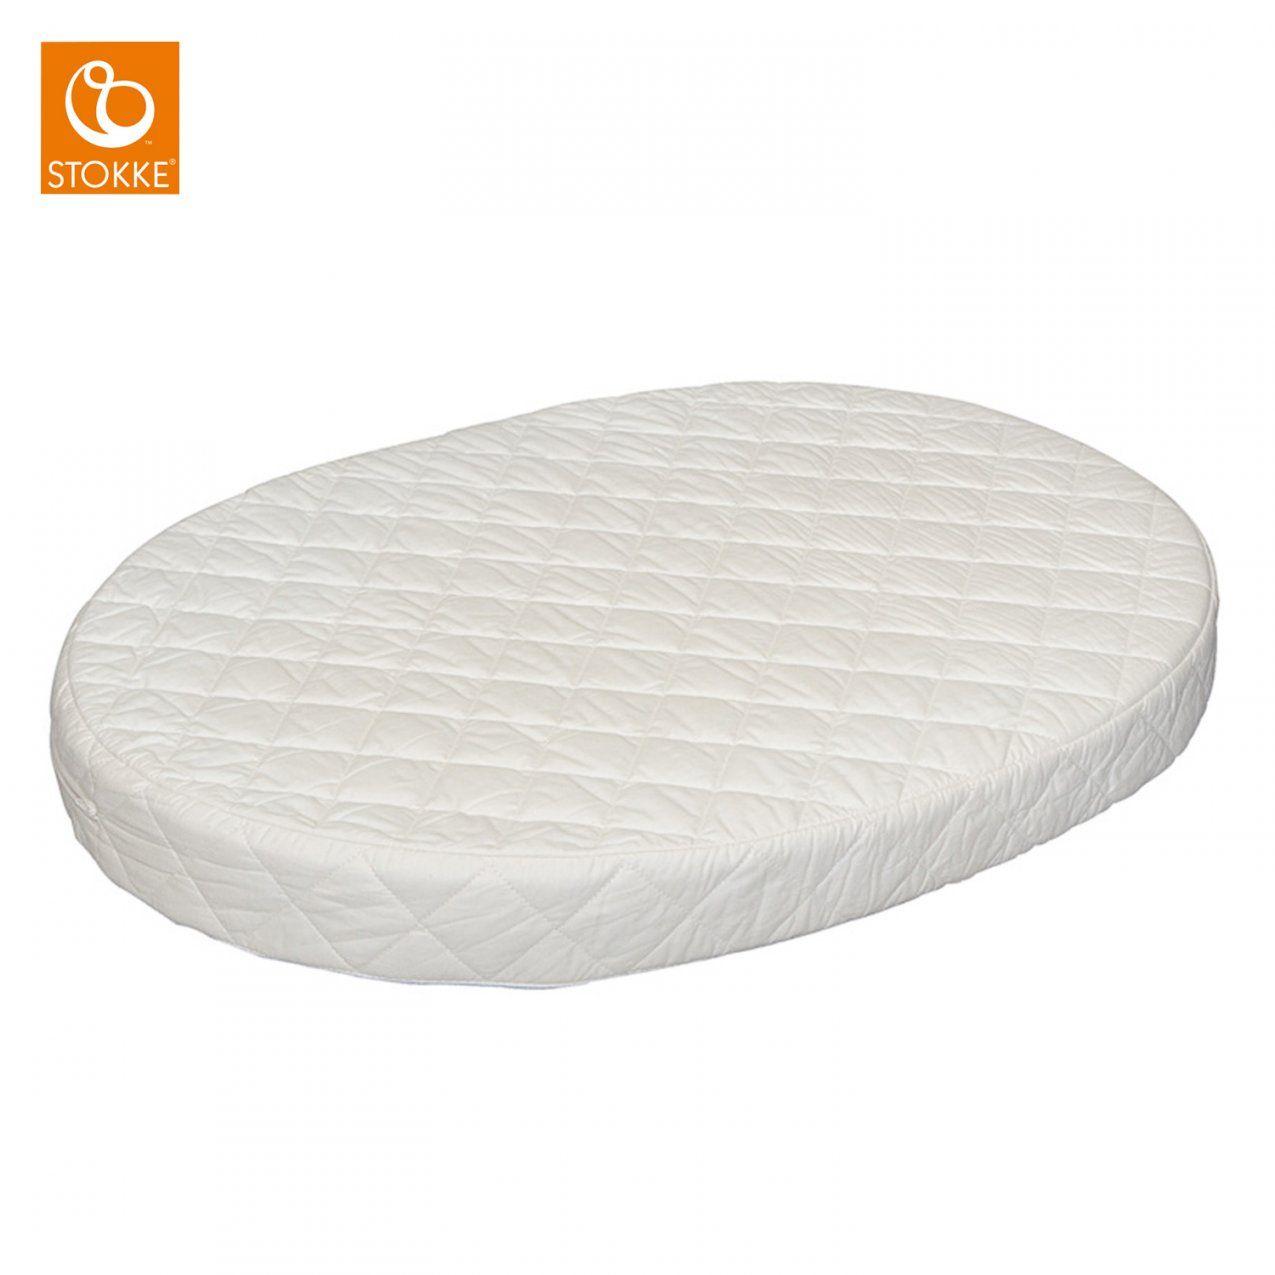 Stokke Sleepi Matratze Bed  Babyjoech von Stokke Sleepi Mini Matratze Bild